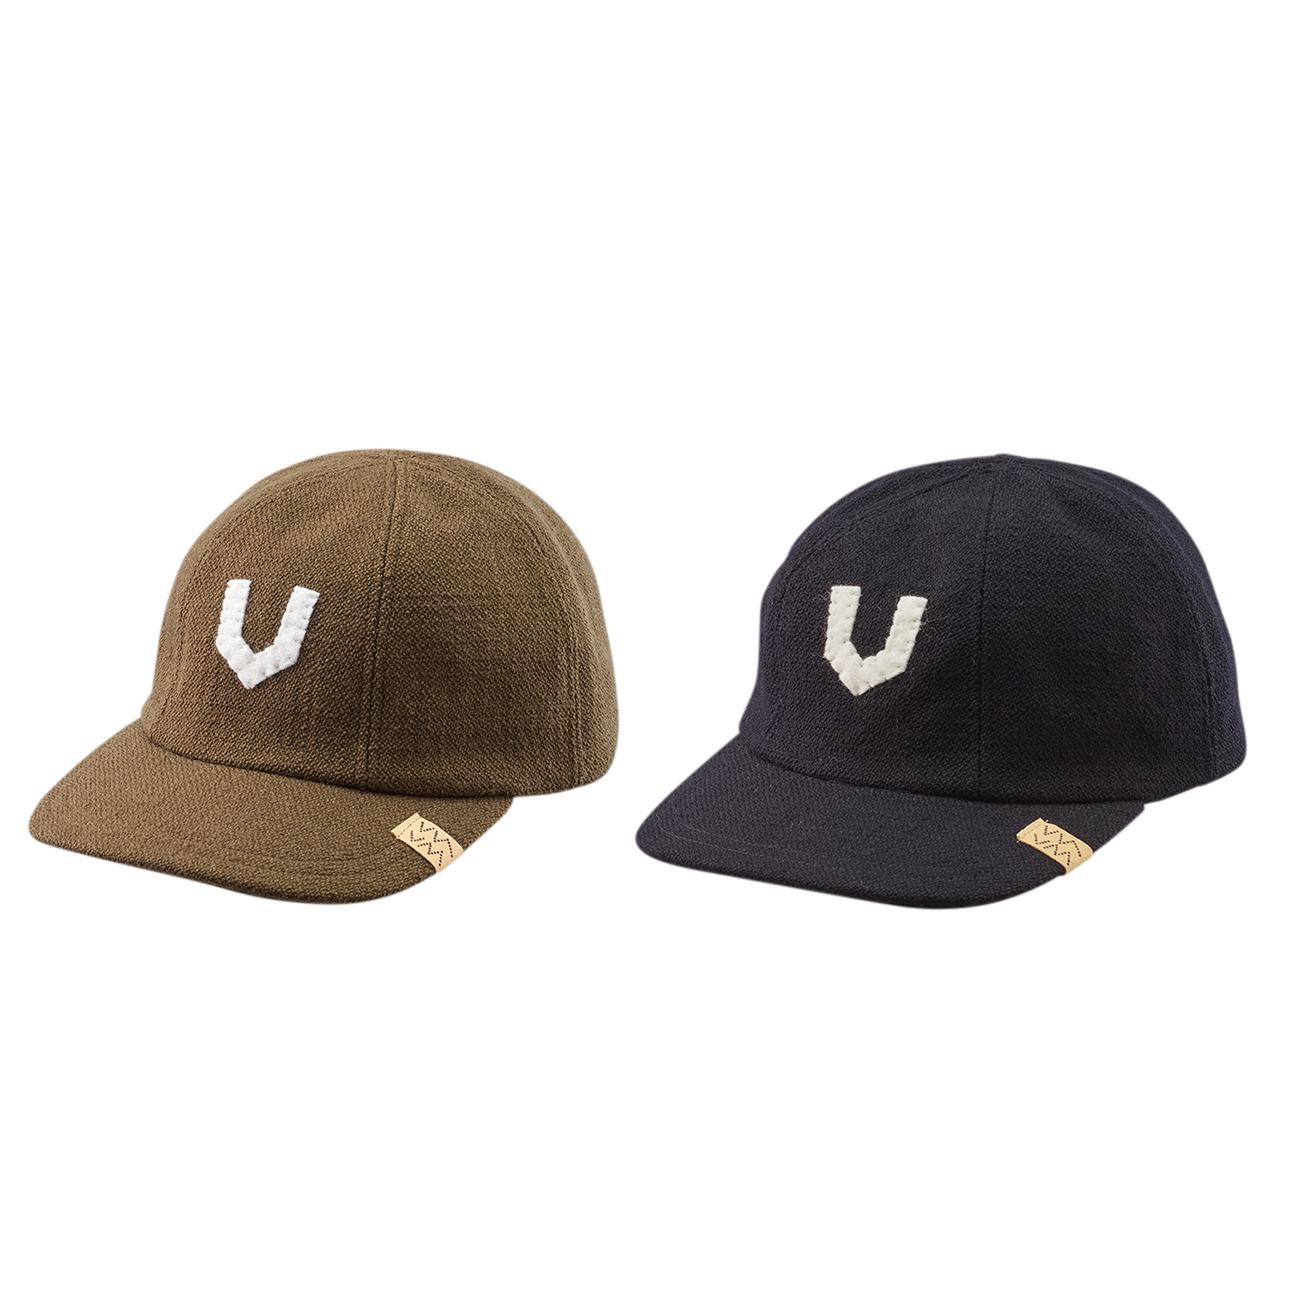 visvim / HONUS CAP V